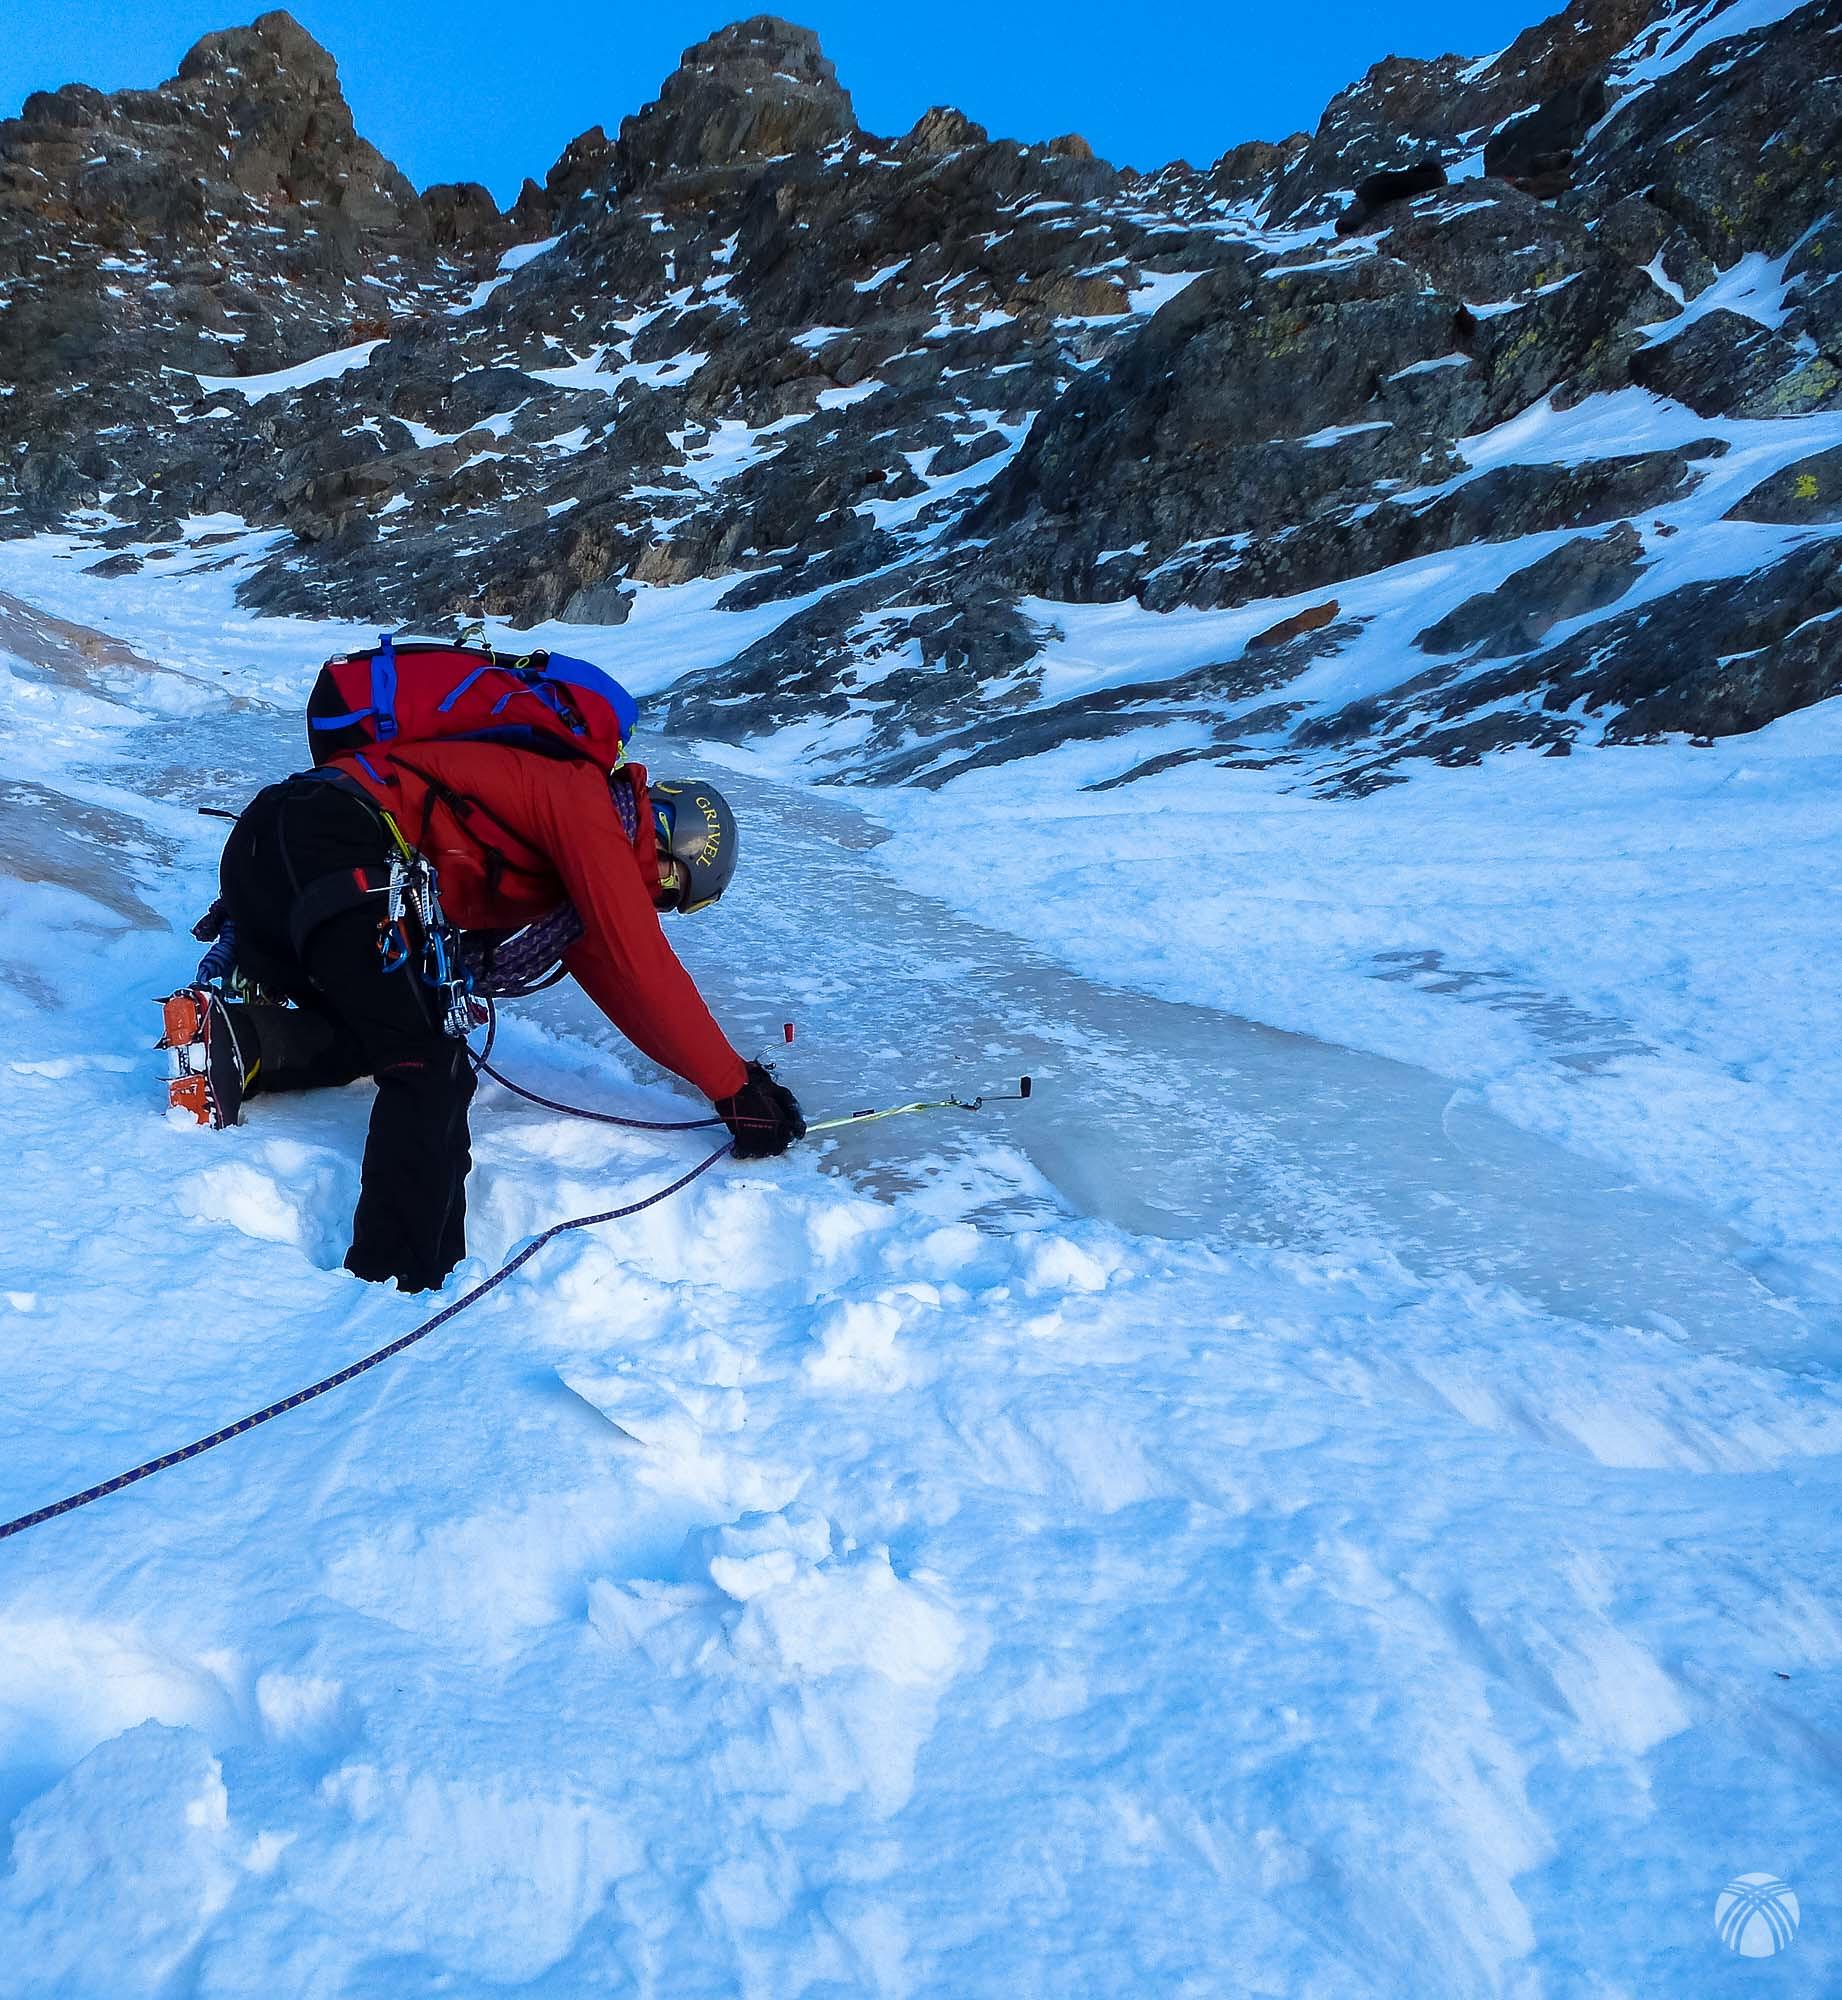 Enorme chorrera de hielo de unos 15 metros en un estrechamiento